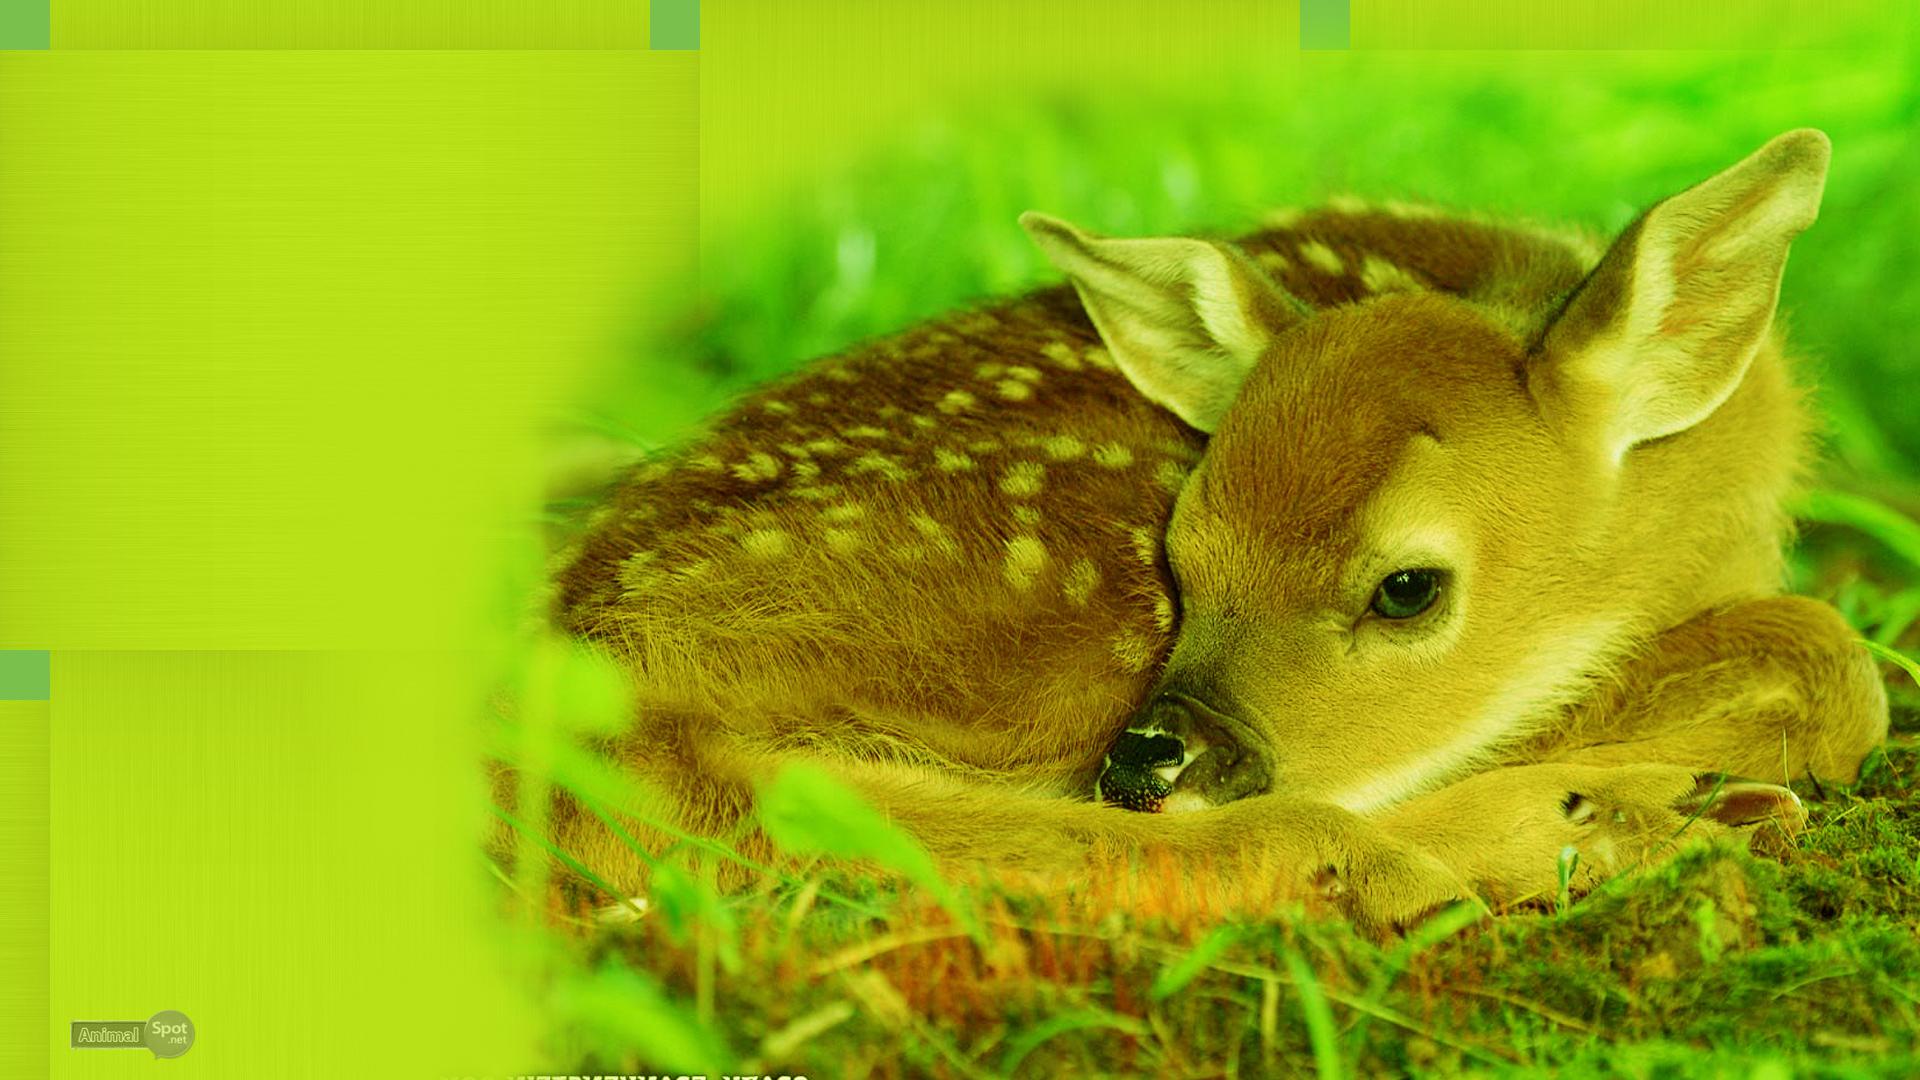 Deer Wallpaper images on o